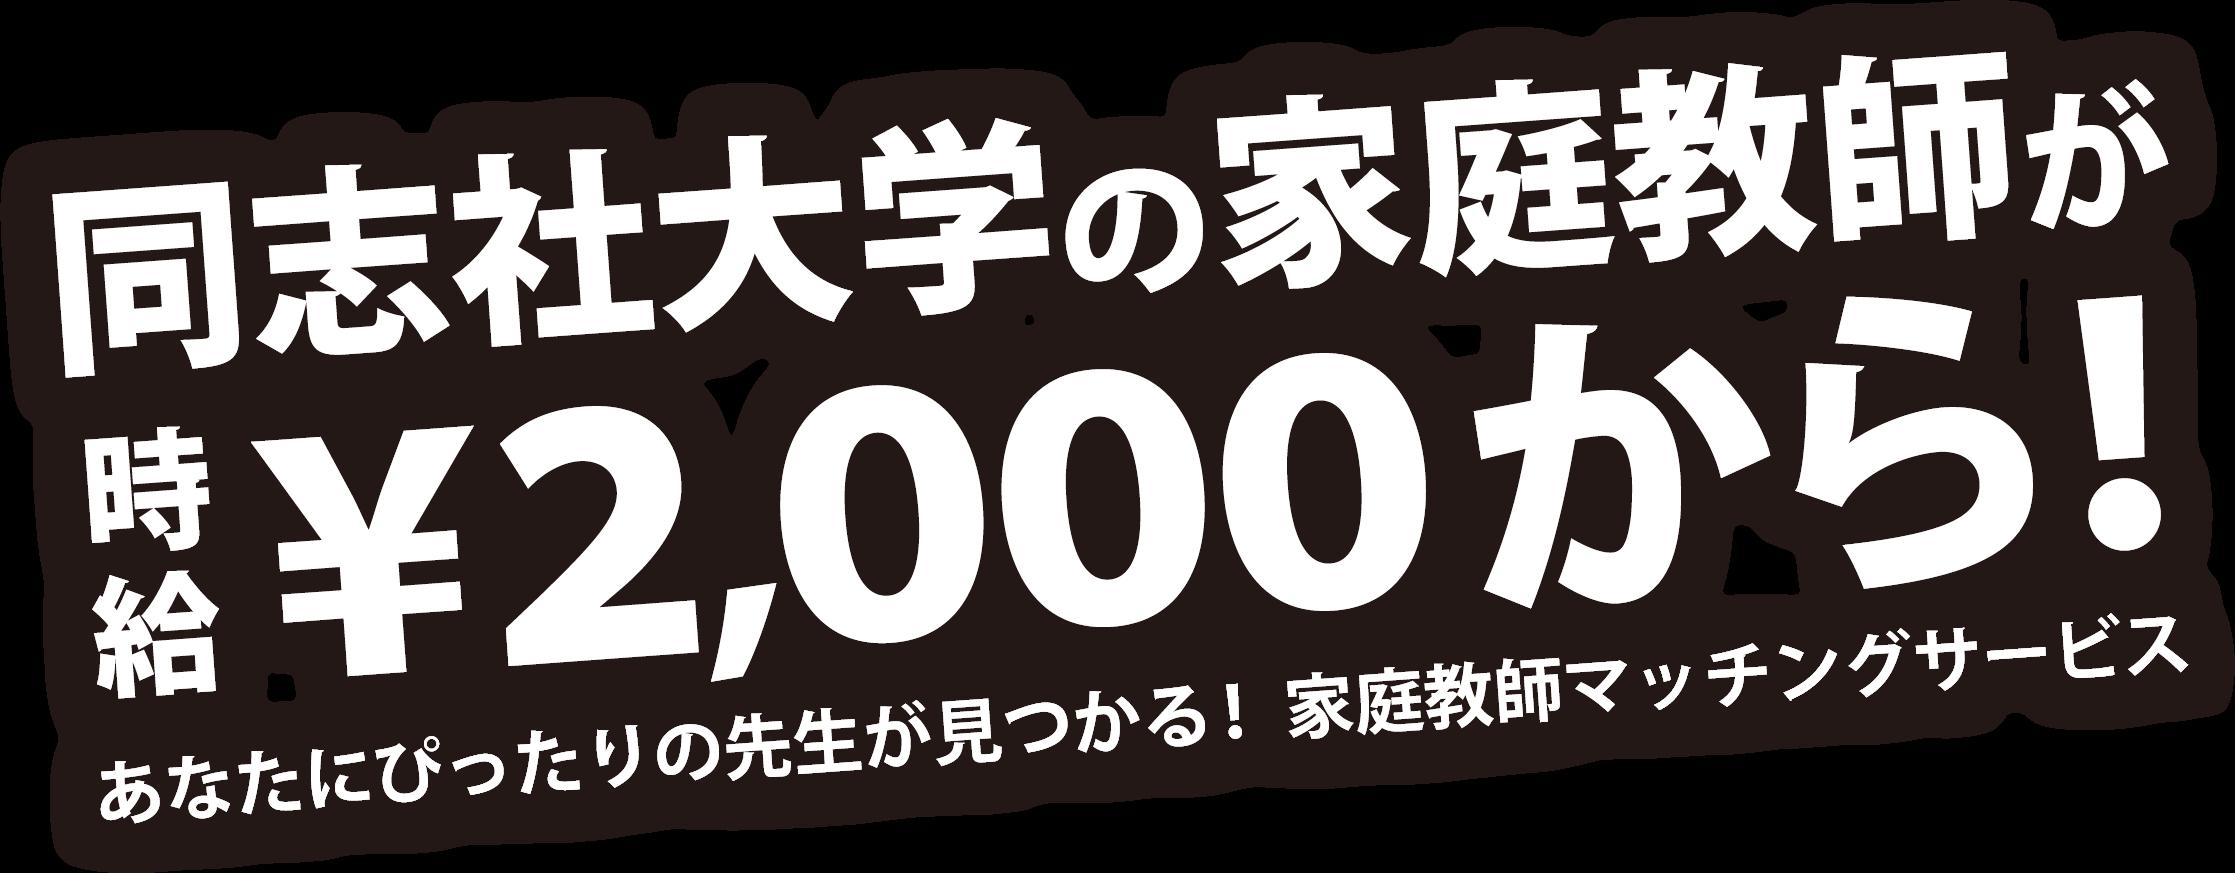 同志社大学の家庭教師が時給¥2,000から!あなたにぴったりの先生が見つかる!家庭教師マッチングサービス